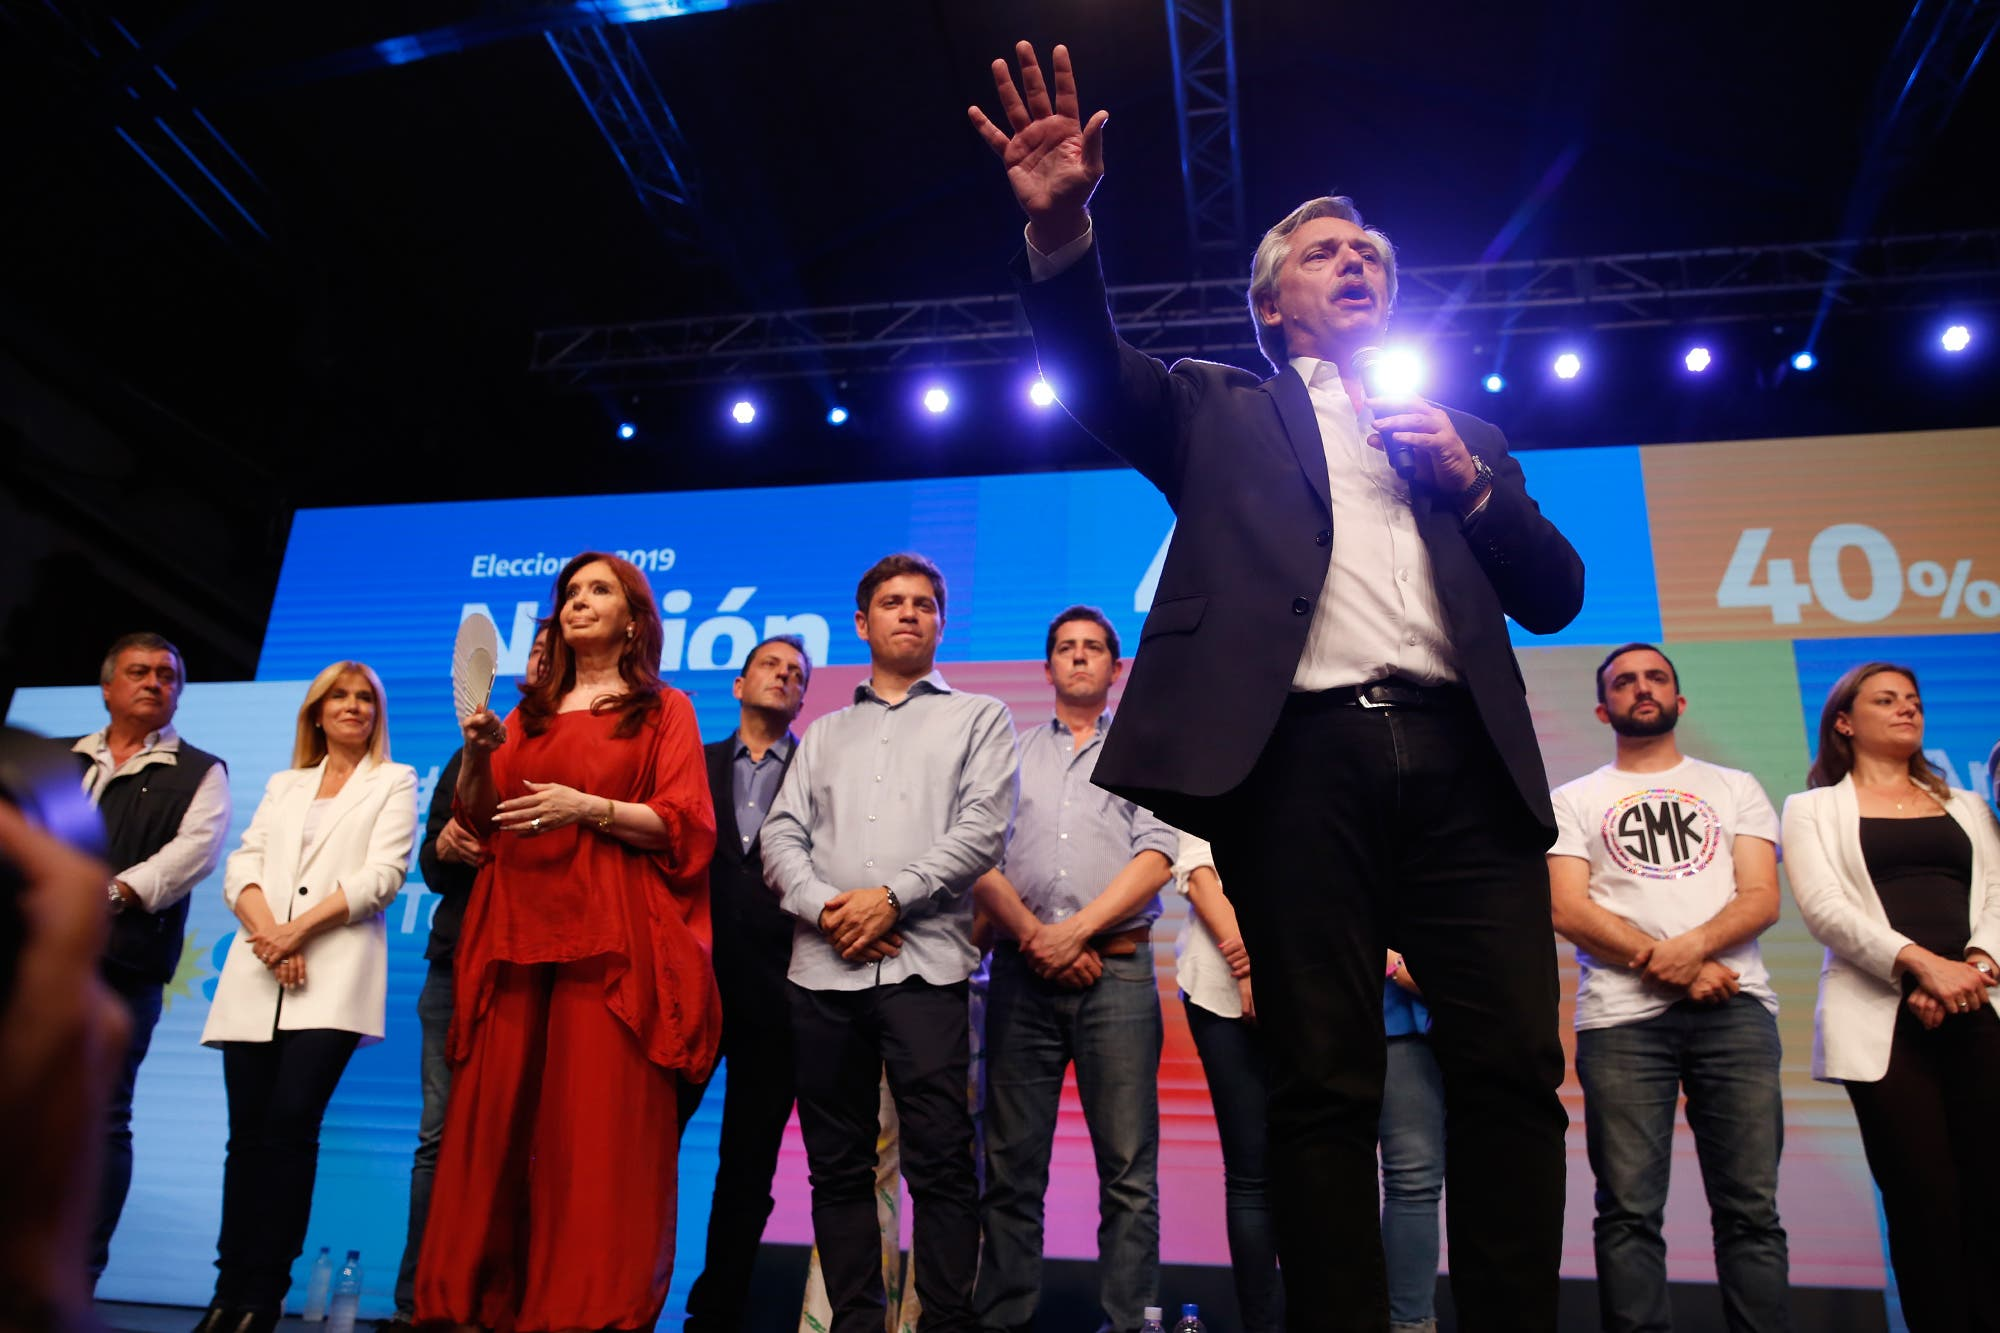 Alberto Fernández agradeció el saludo del premier británico, pero le reclamó por Malvinas